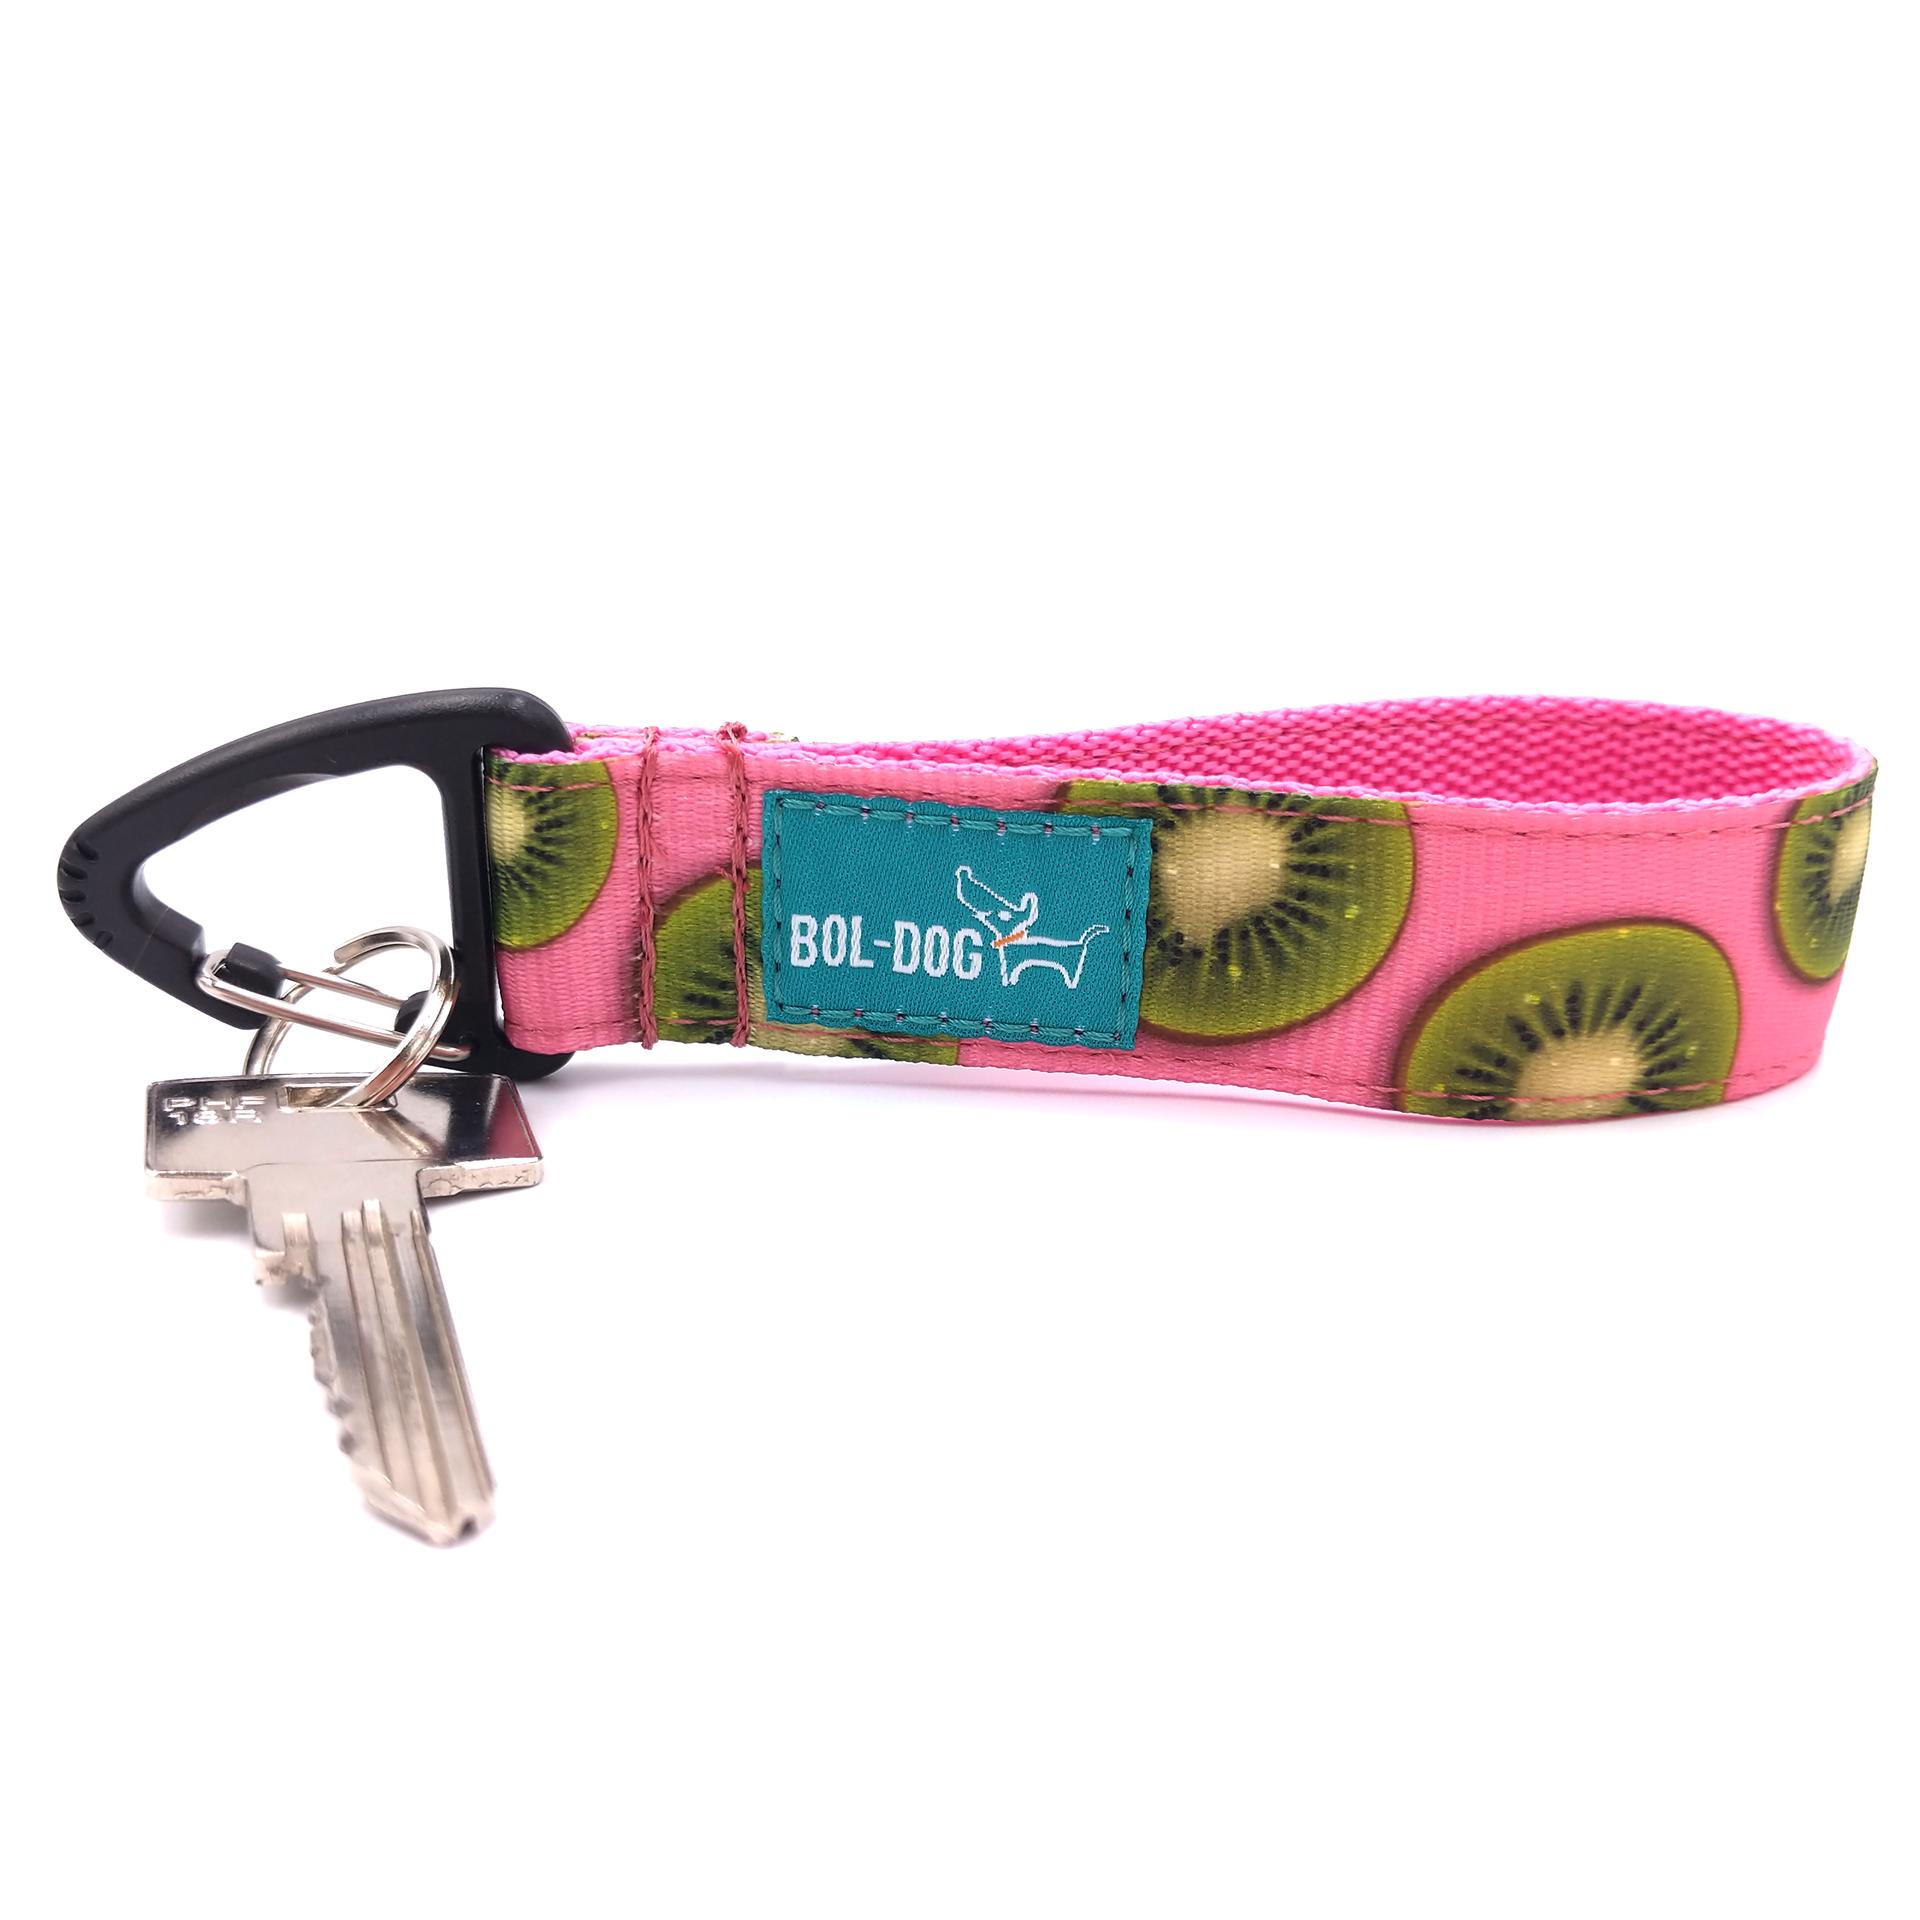 Kiwi key holder